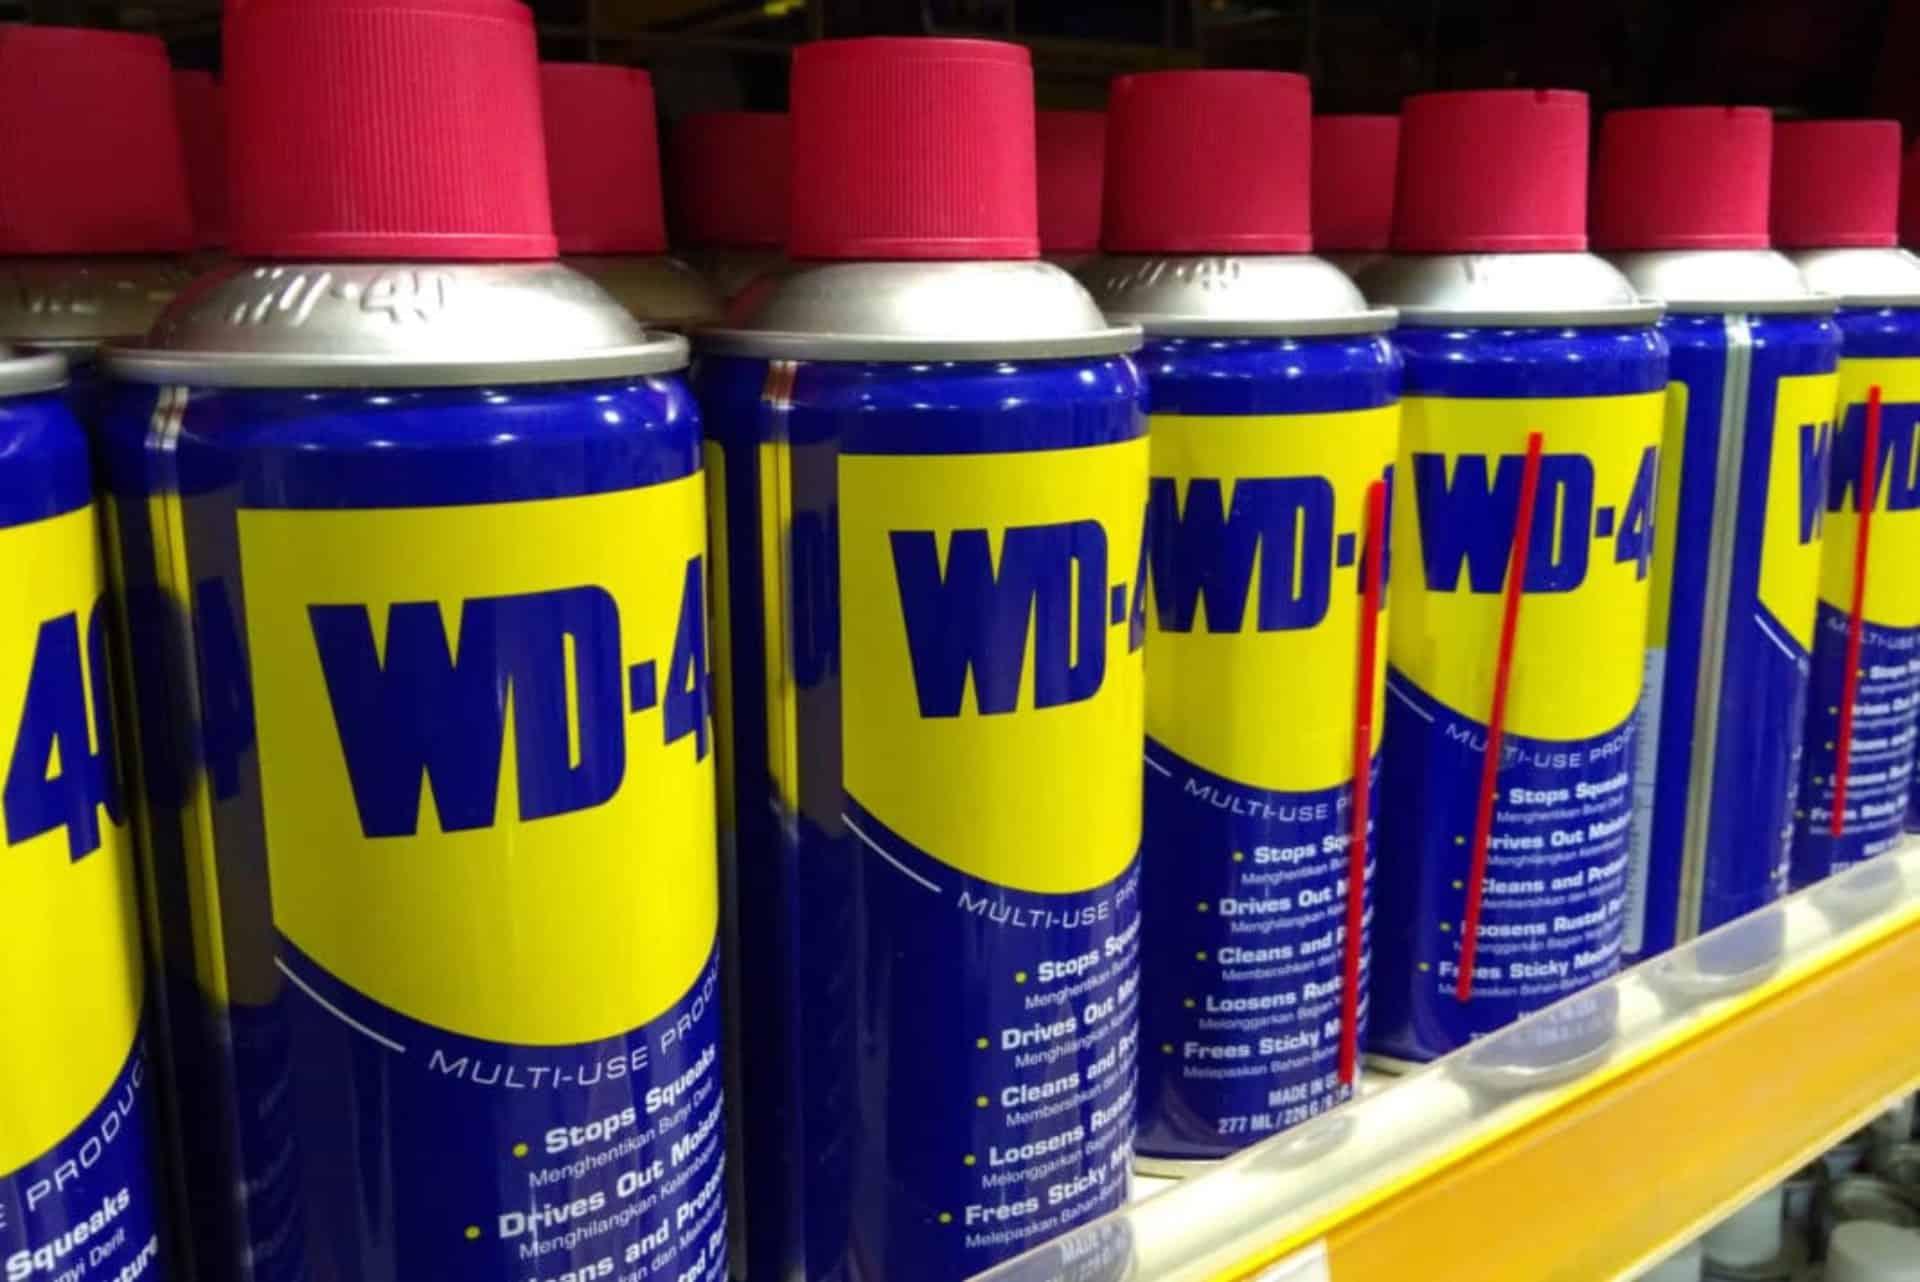 20 nenavadnih načinov uporabe WD-40